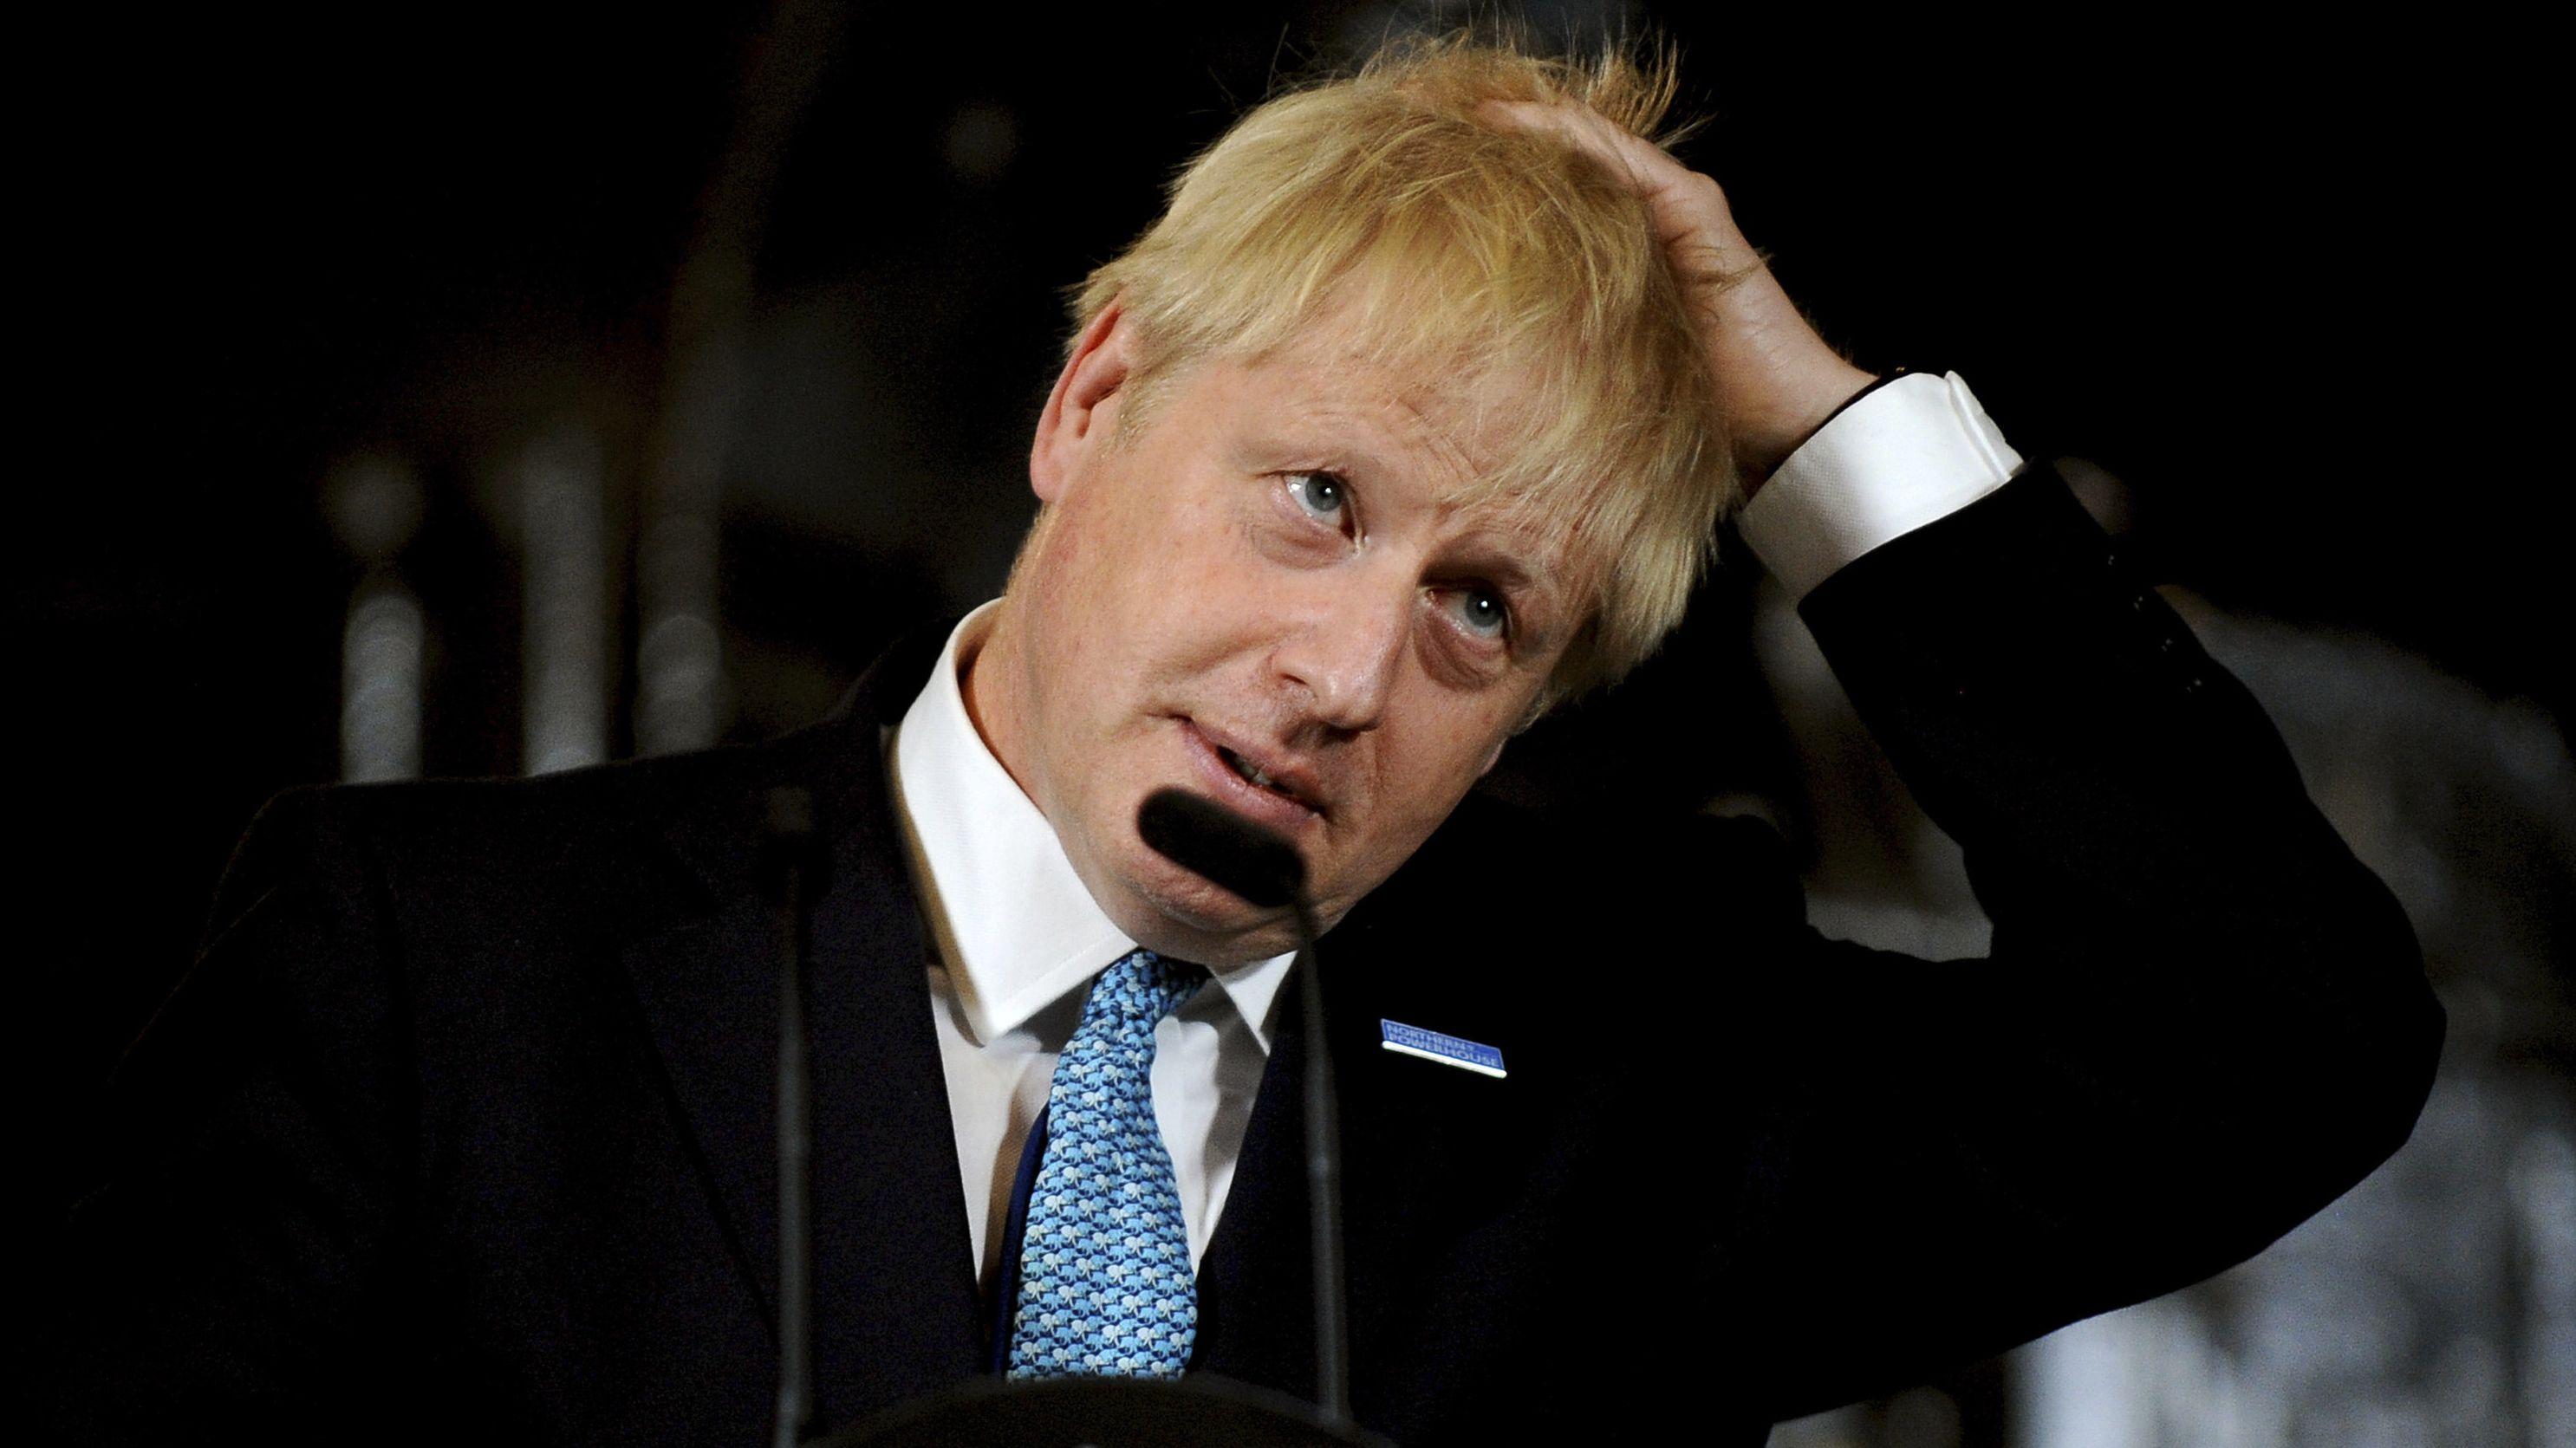 Boris Johnson rauft sich die Haare